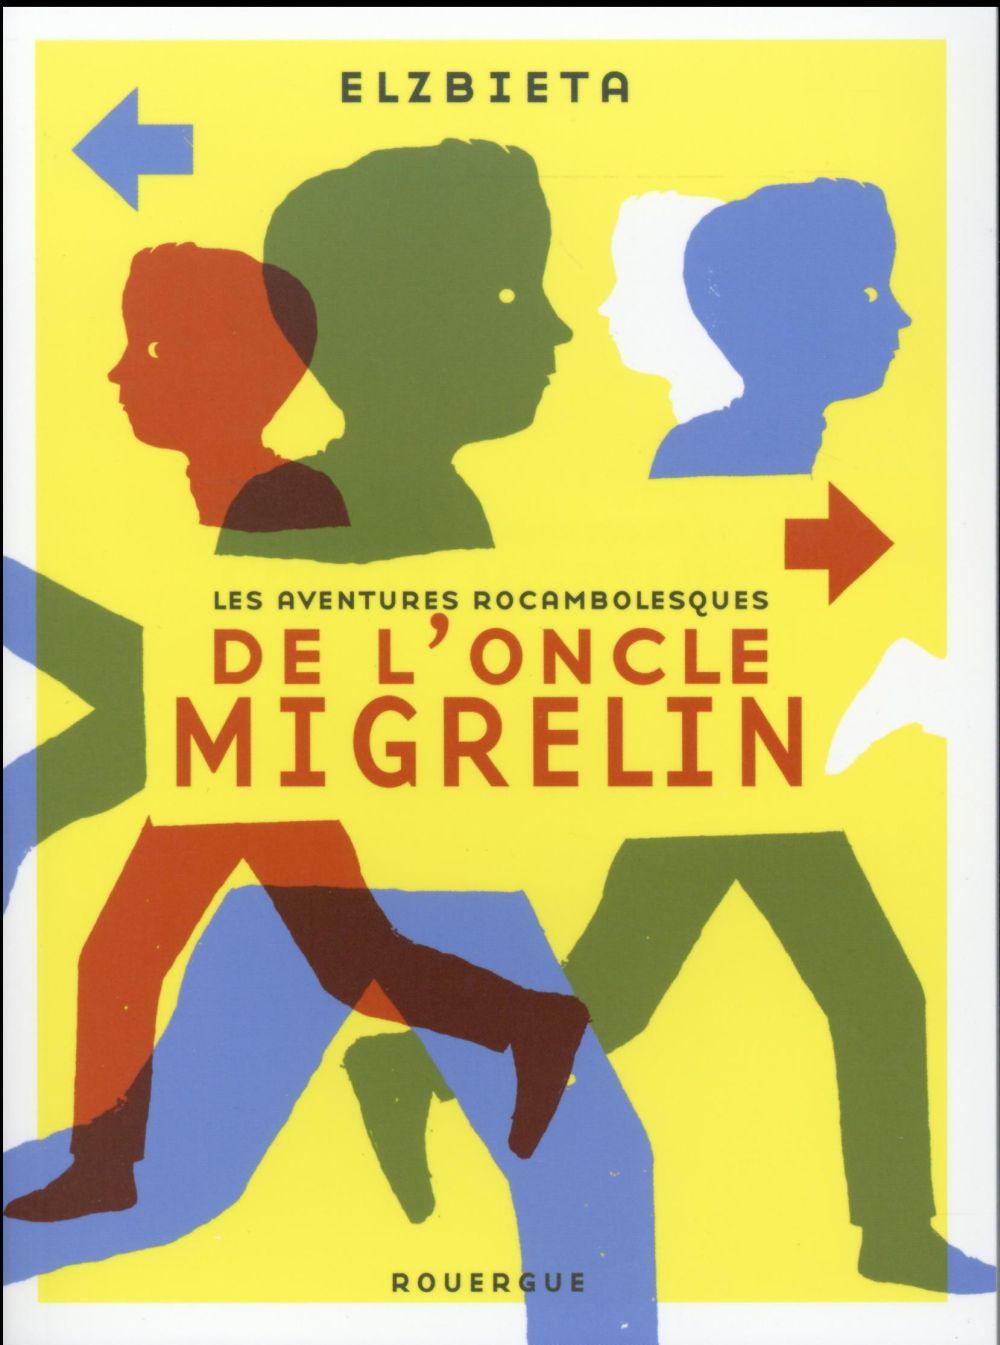 LES AVENTURES ROCAMBOLESQUES DE L-ONCLE MIGRELIN